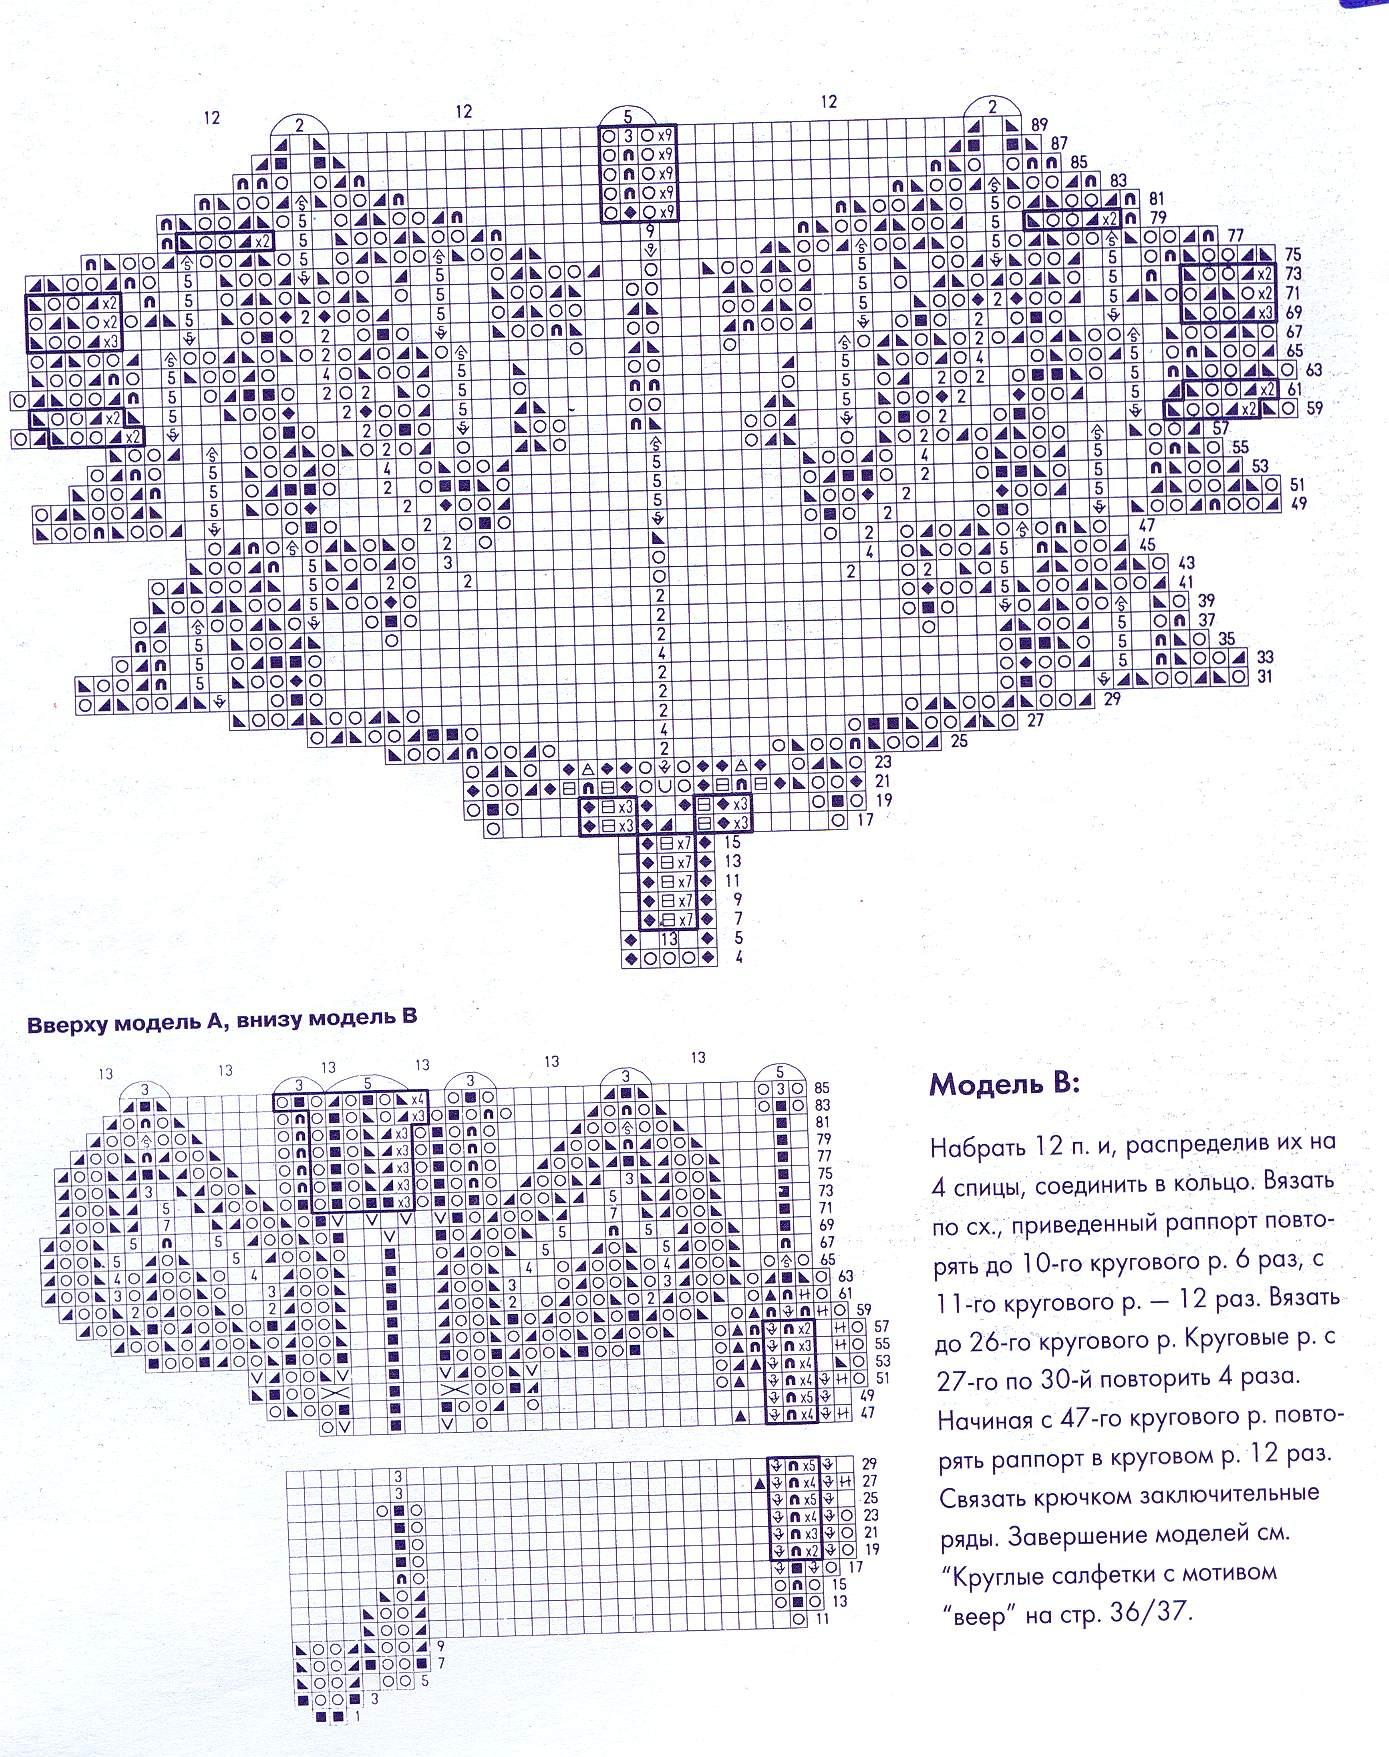 Скатерти спицами со схемами и описаниями на русском